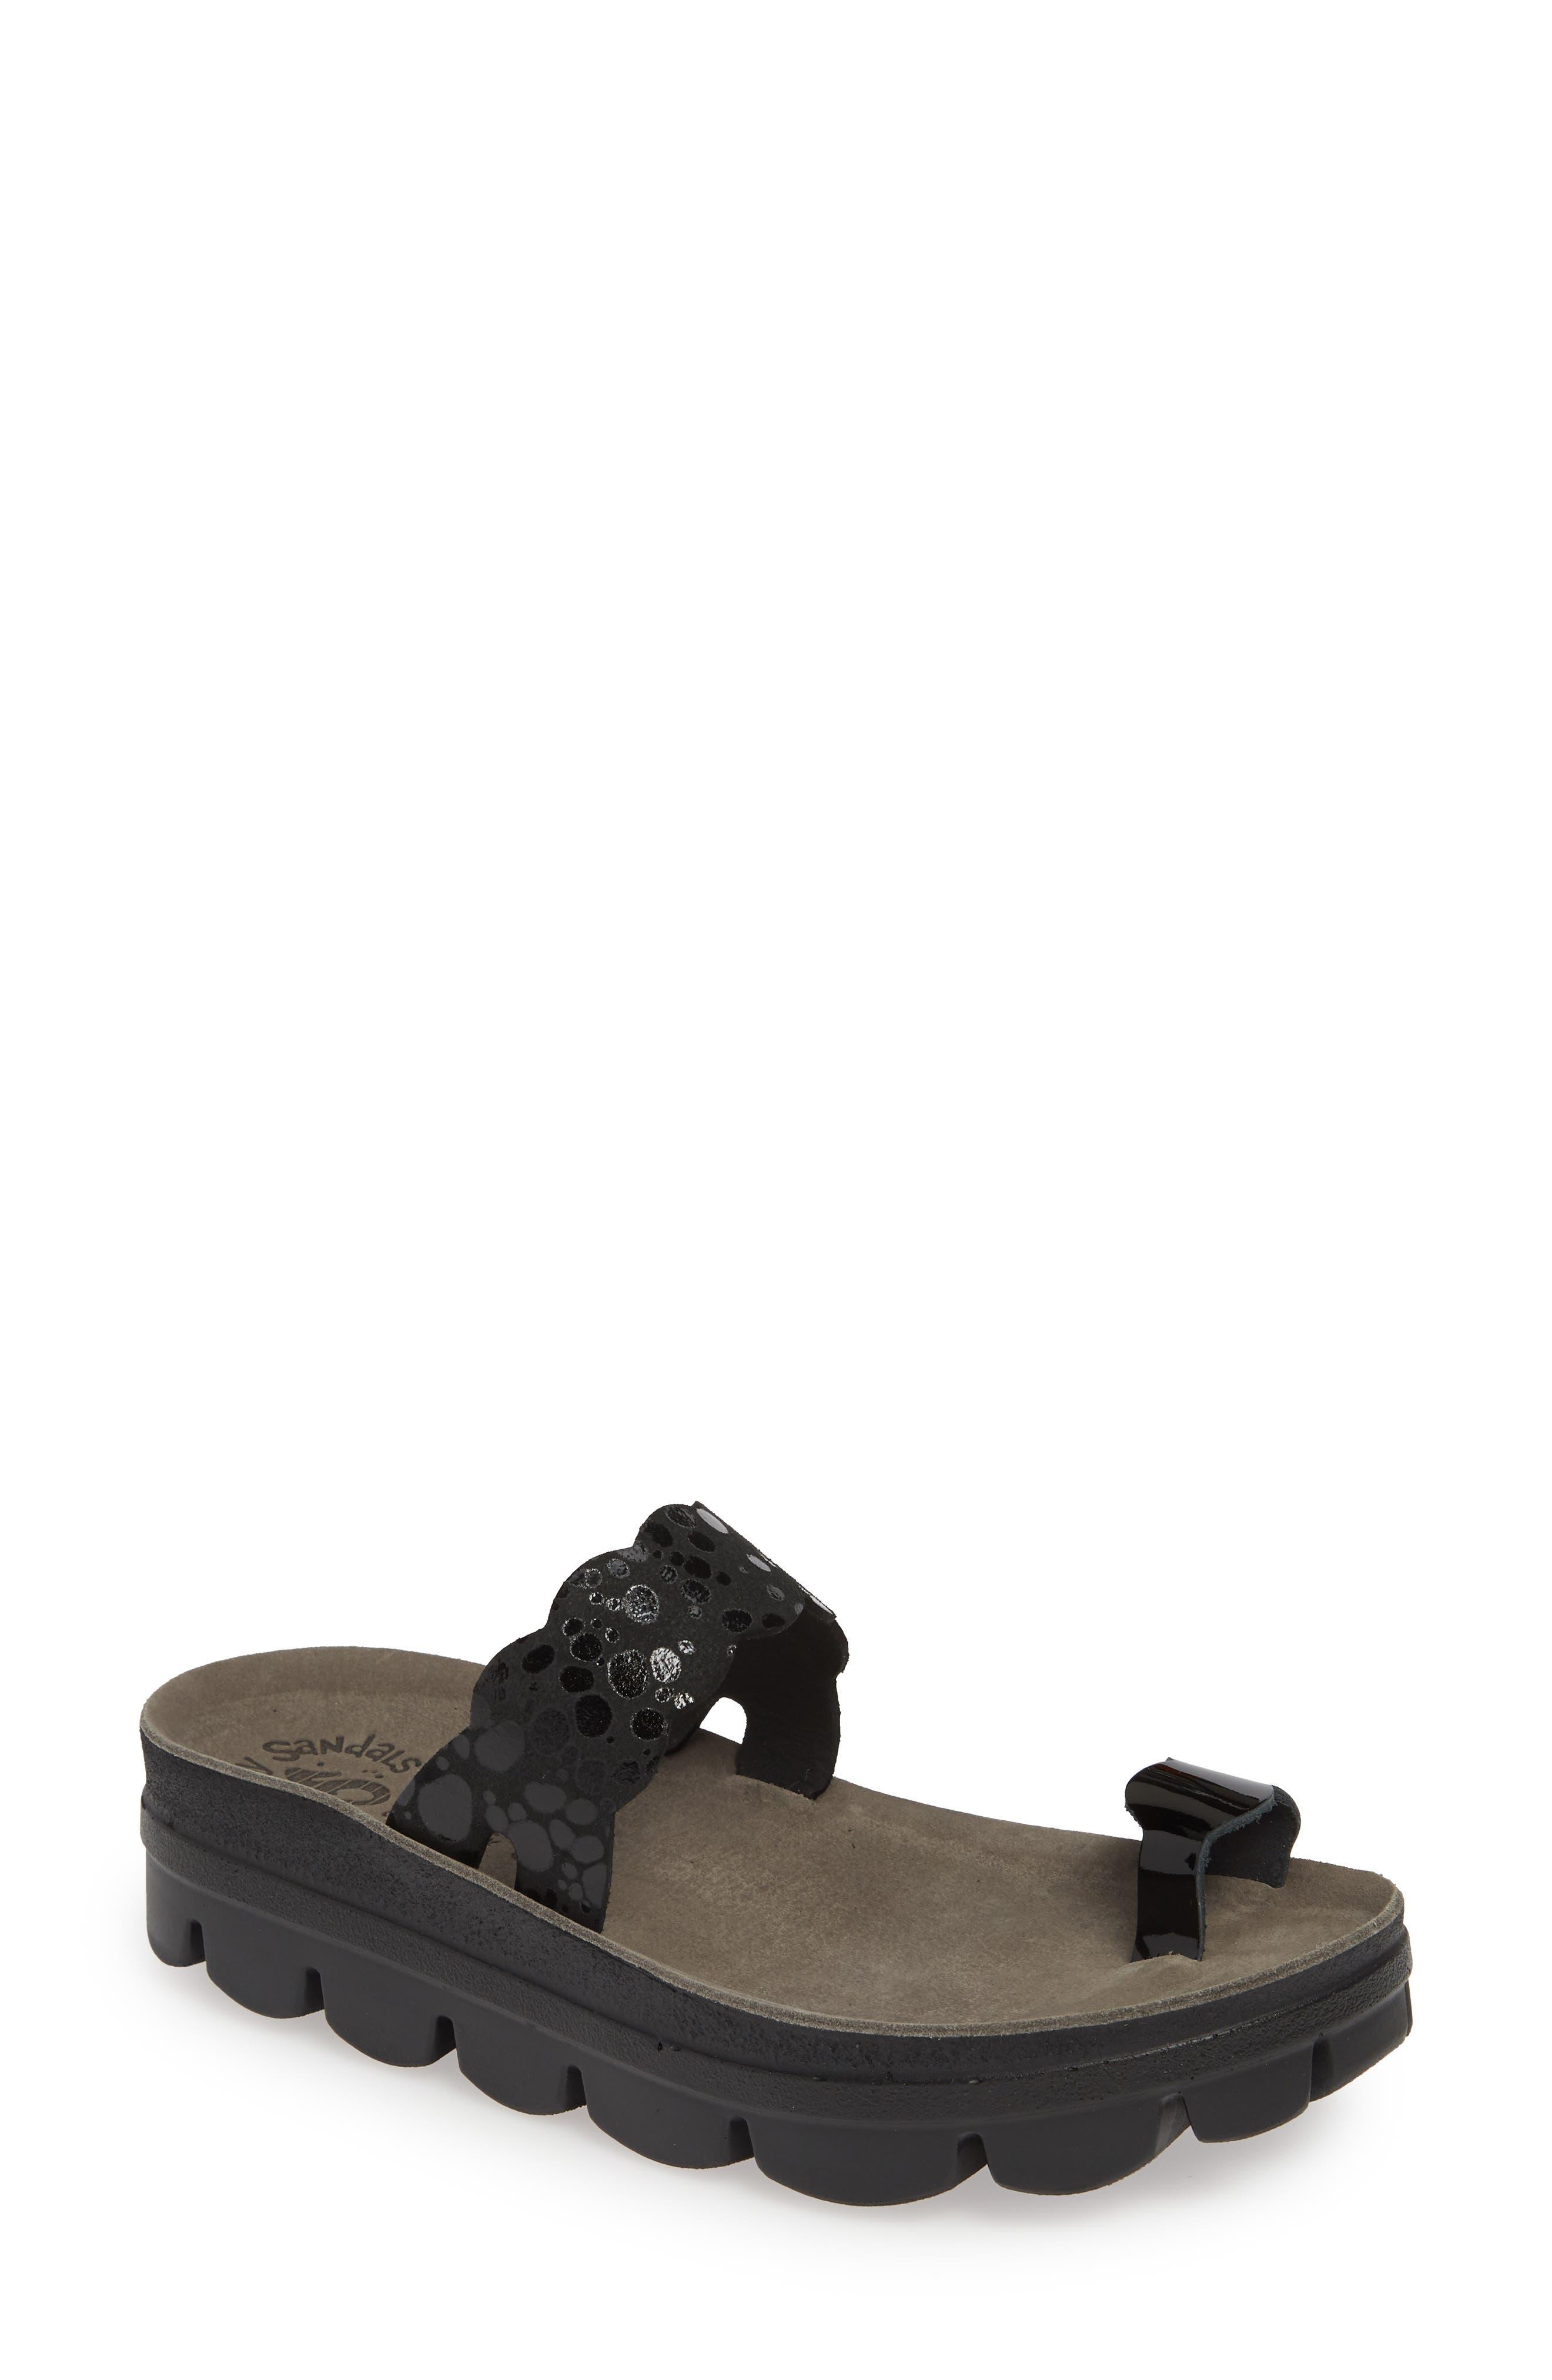 Taylor Slide Sandal